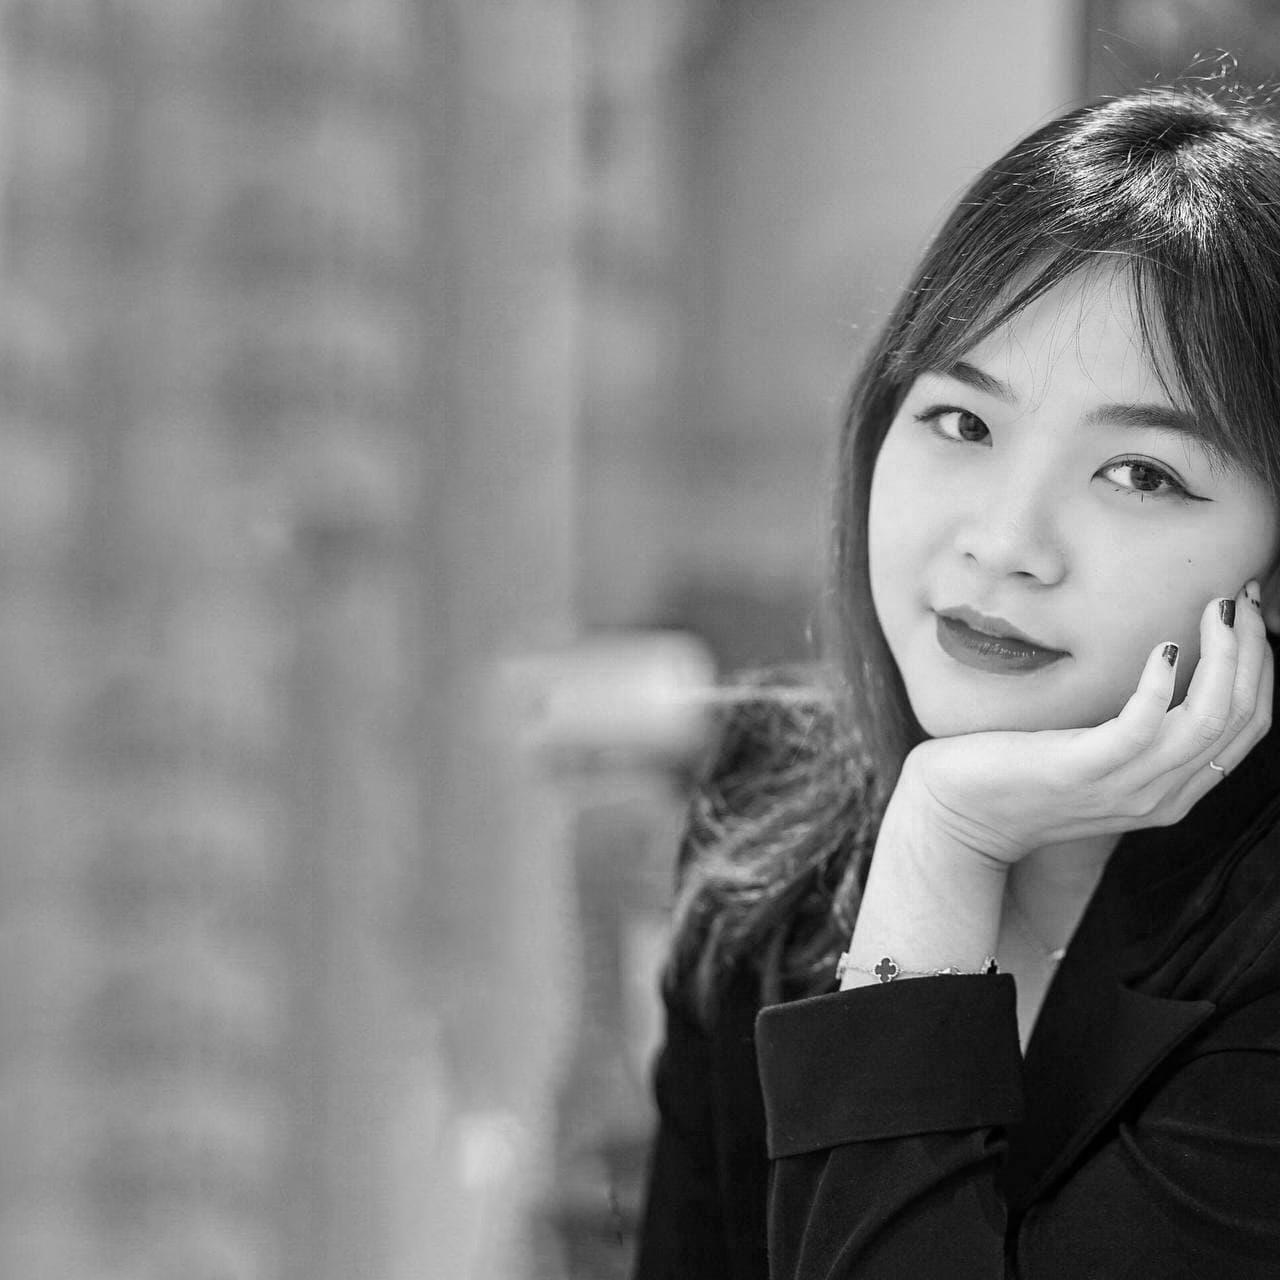 Ms. Joan Nguyen